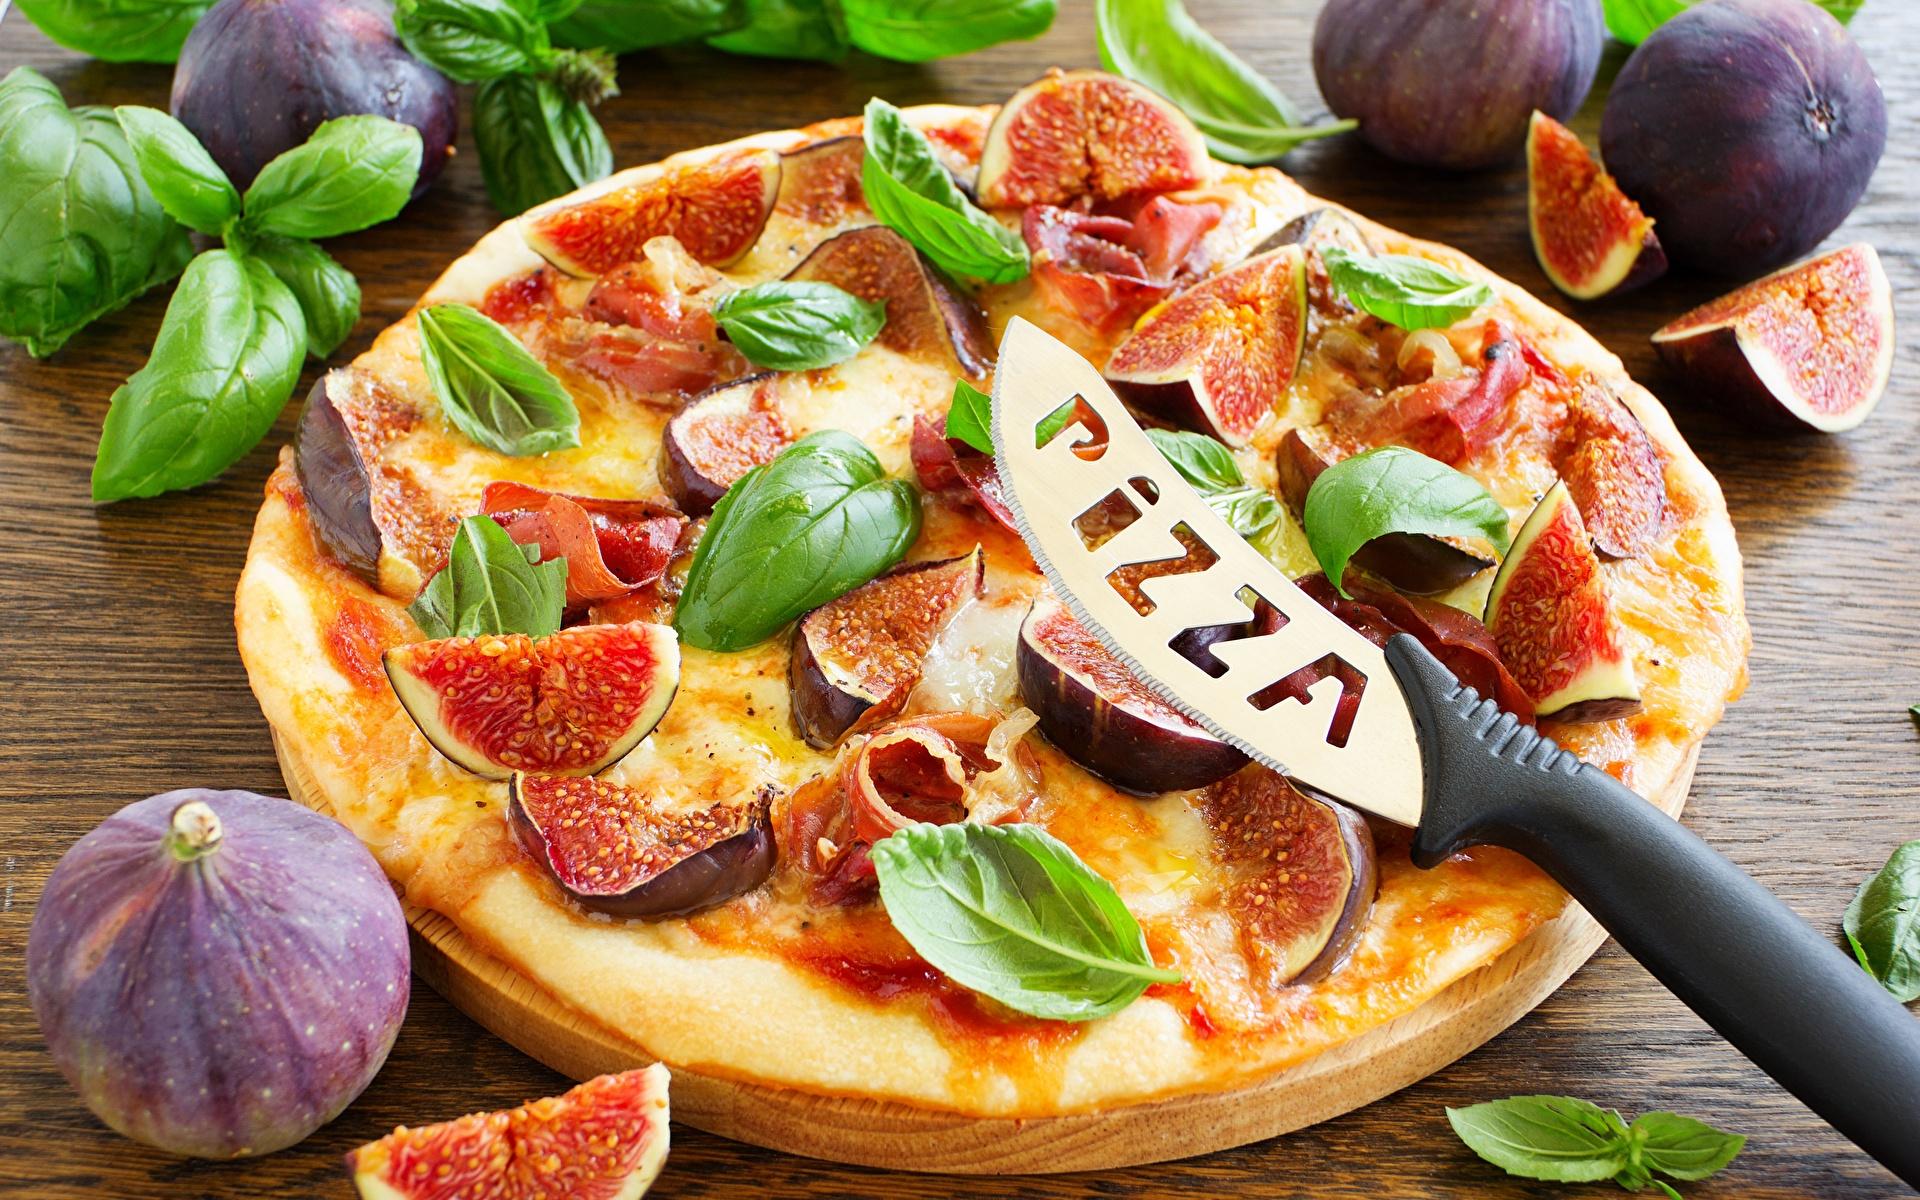 Фотография Еда Инжир Пицца Базилик душистый 1920x1200 Пища Продукты питания